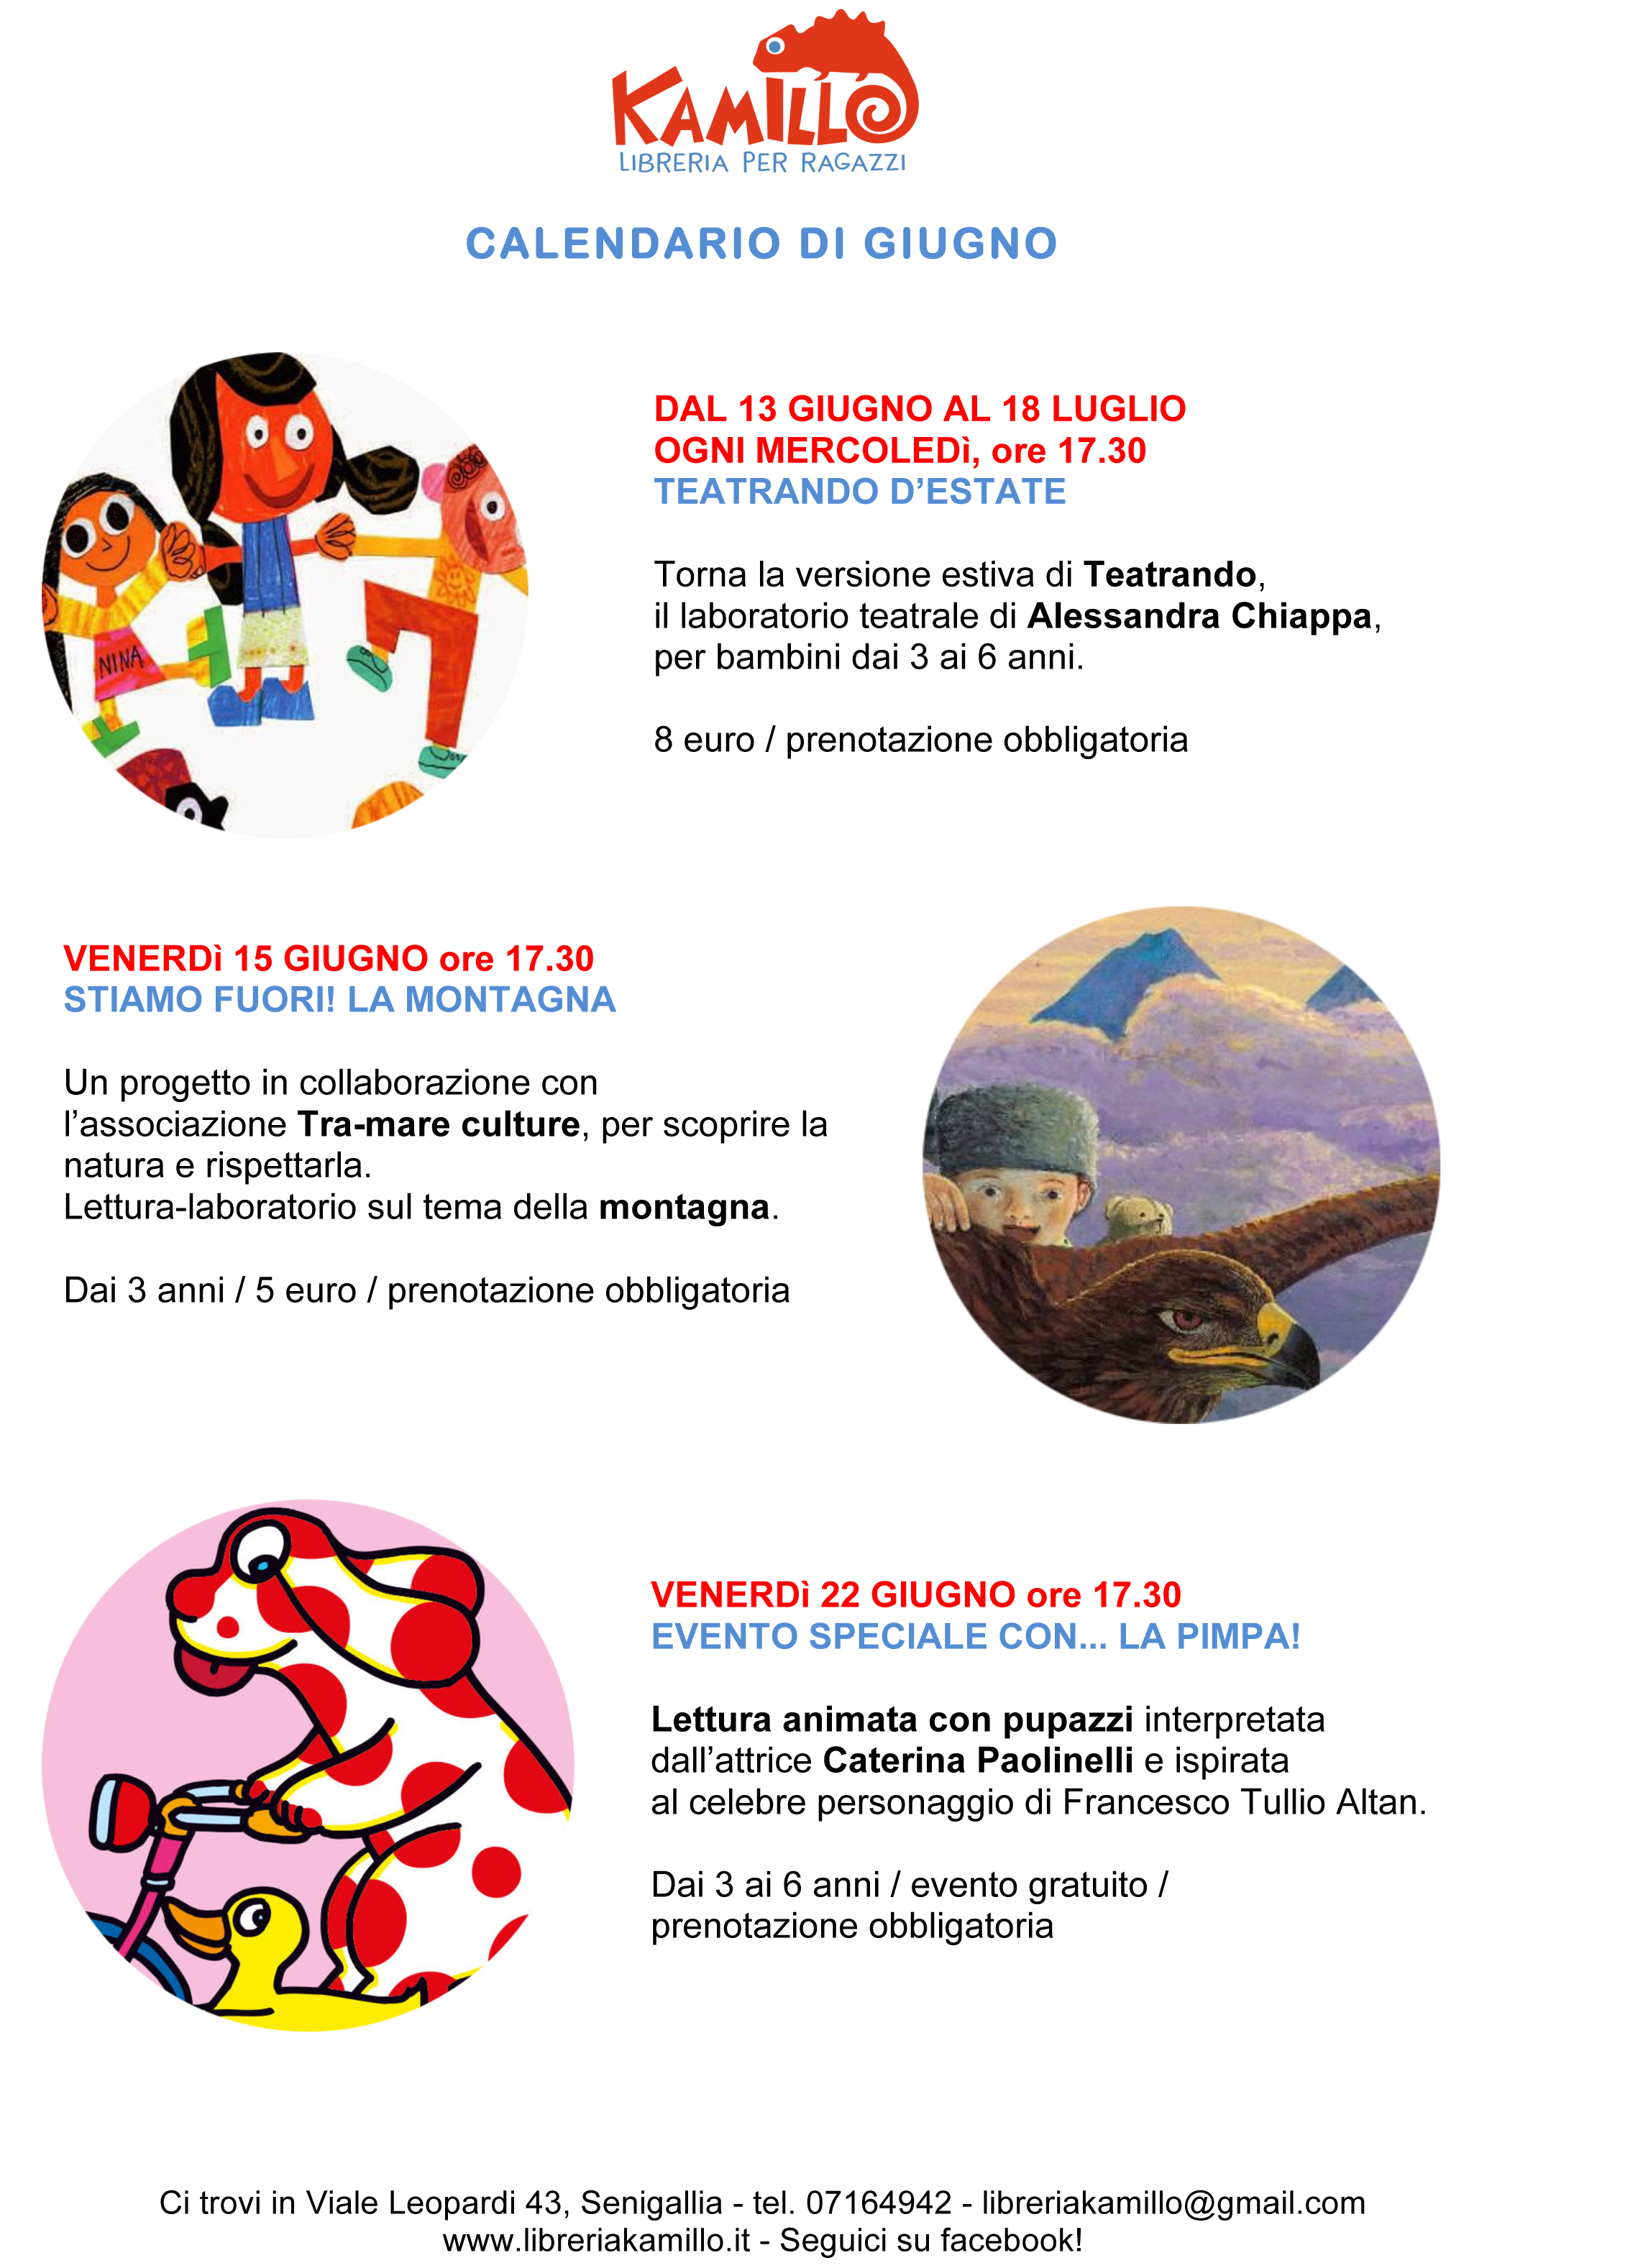 Calendario Di Giugno.Calendario Degli Eventi Di Giugno Libreria Kamillo